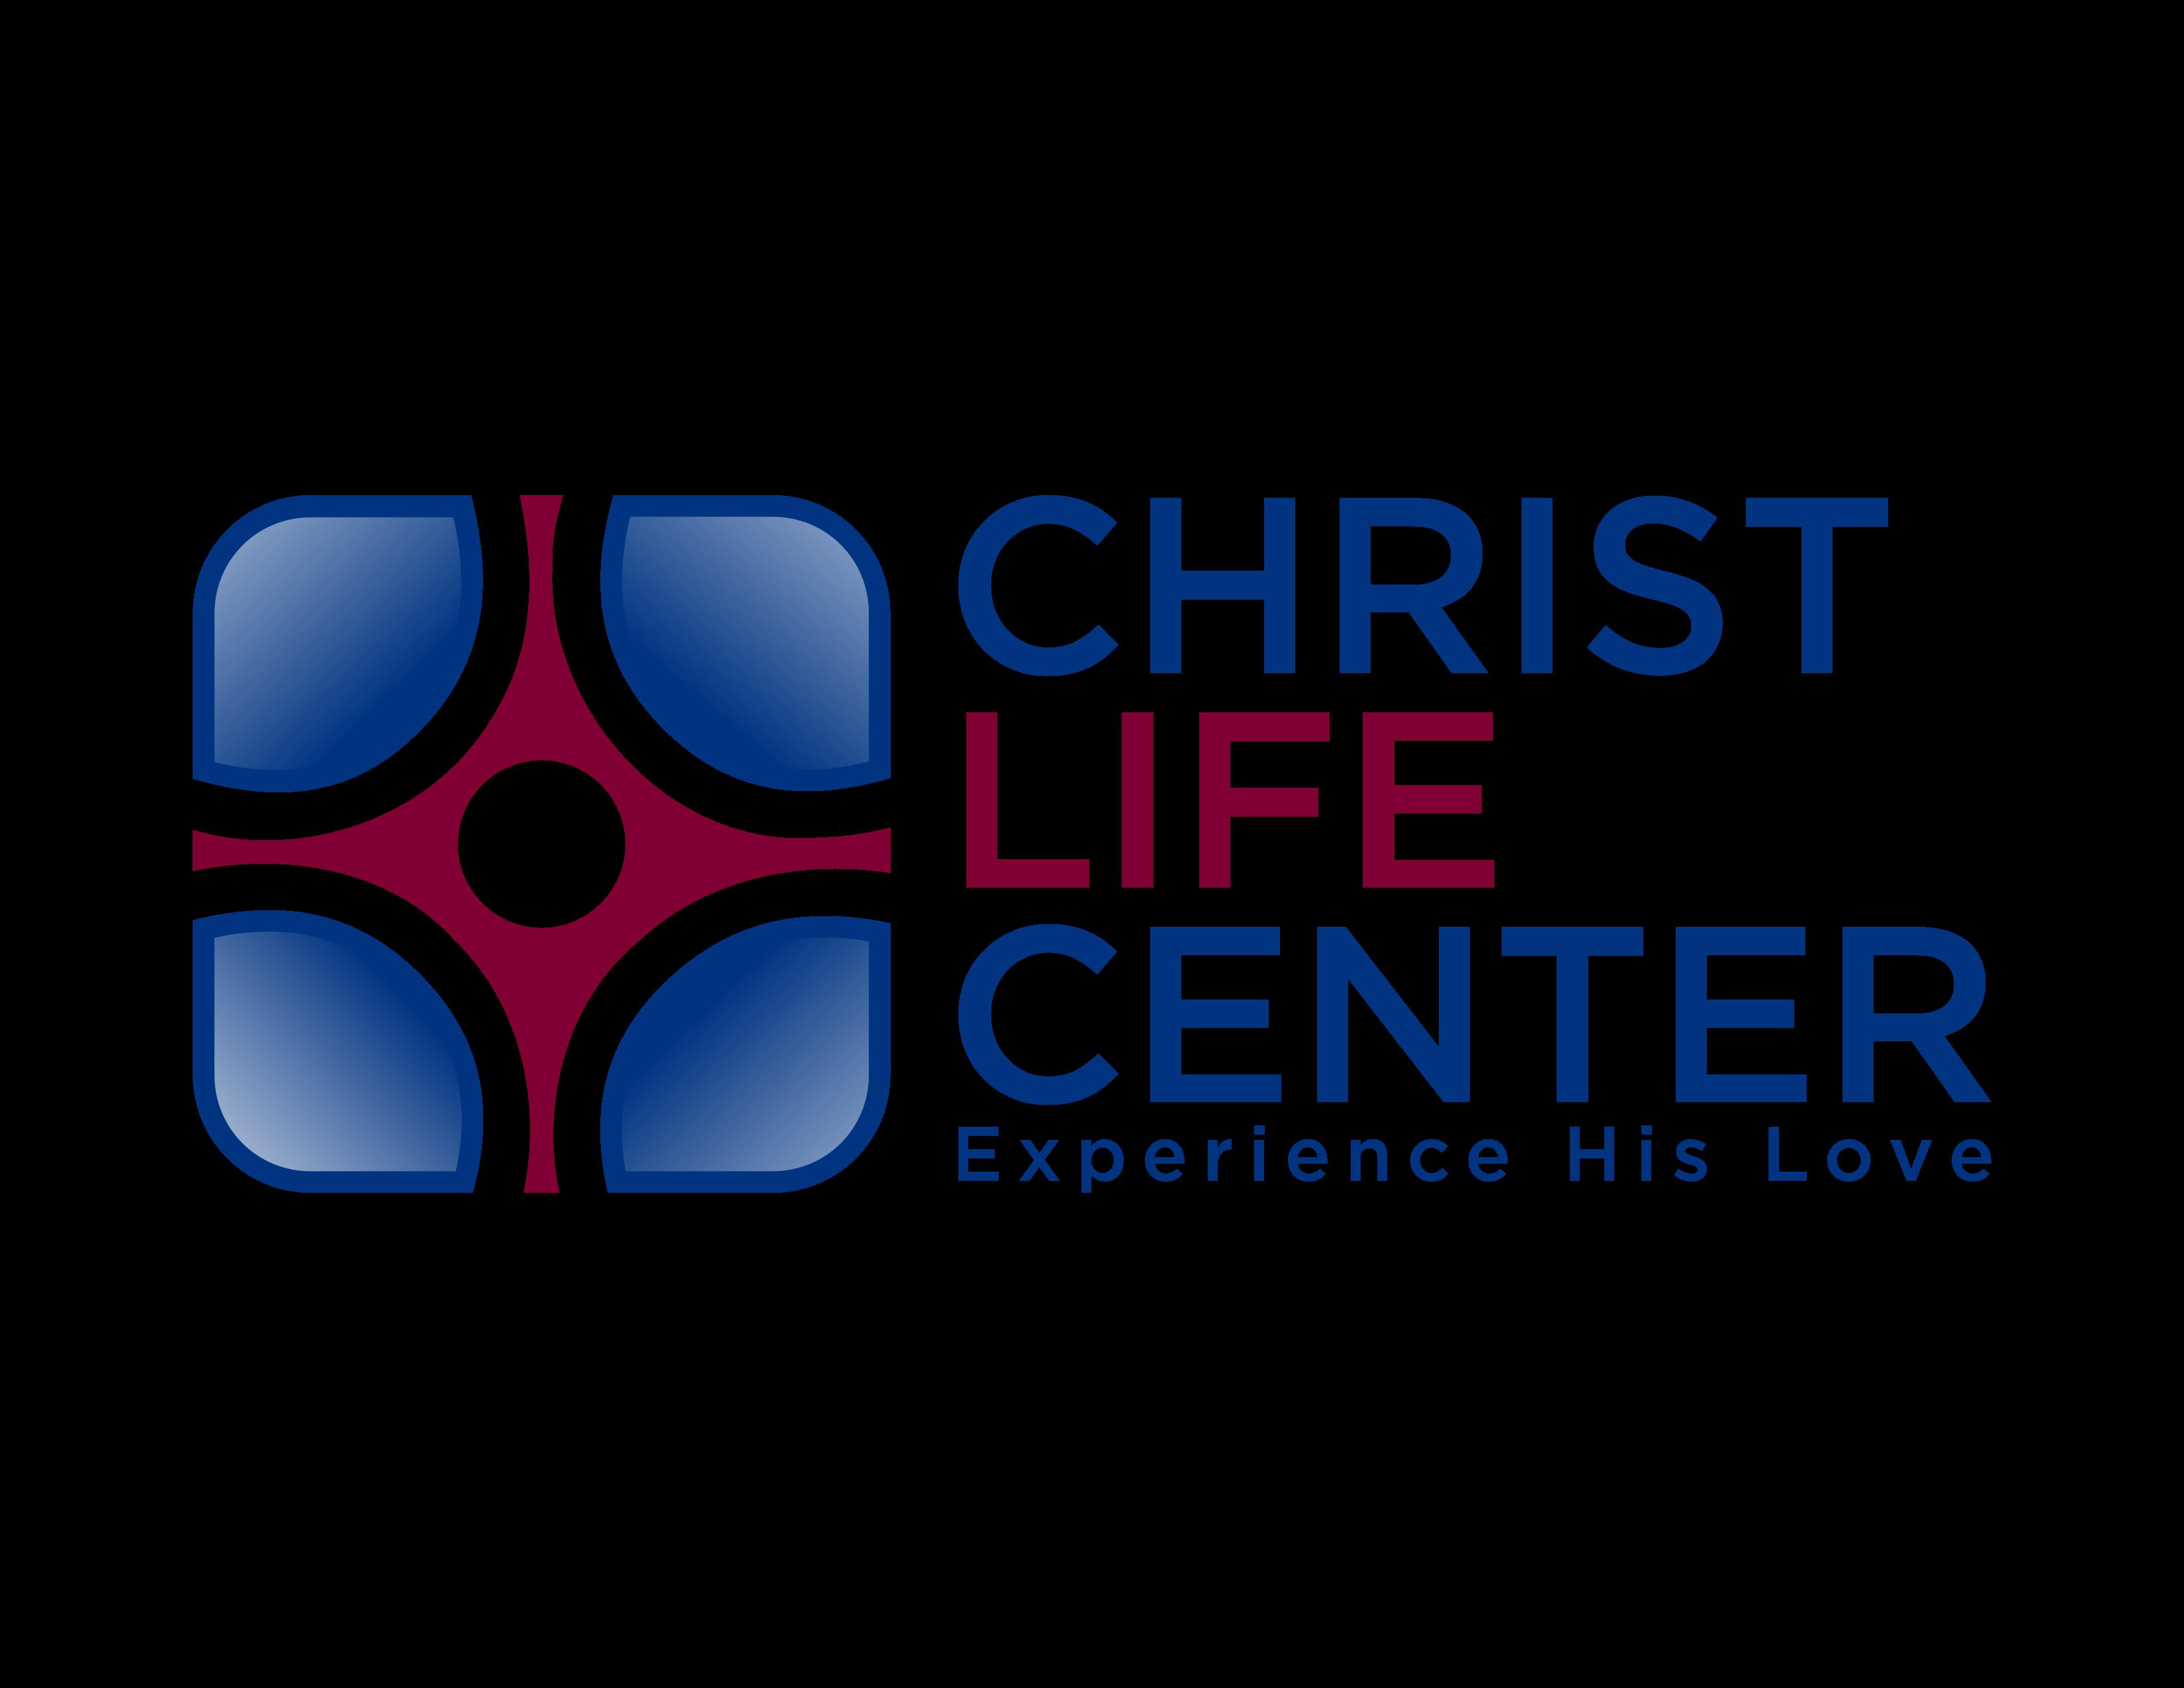 Modernizing the Logo for Christ Life Center